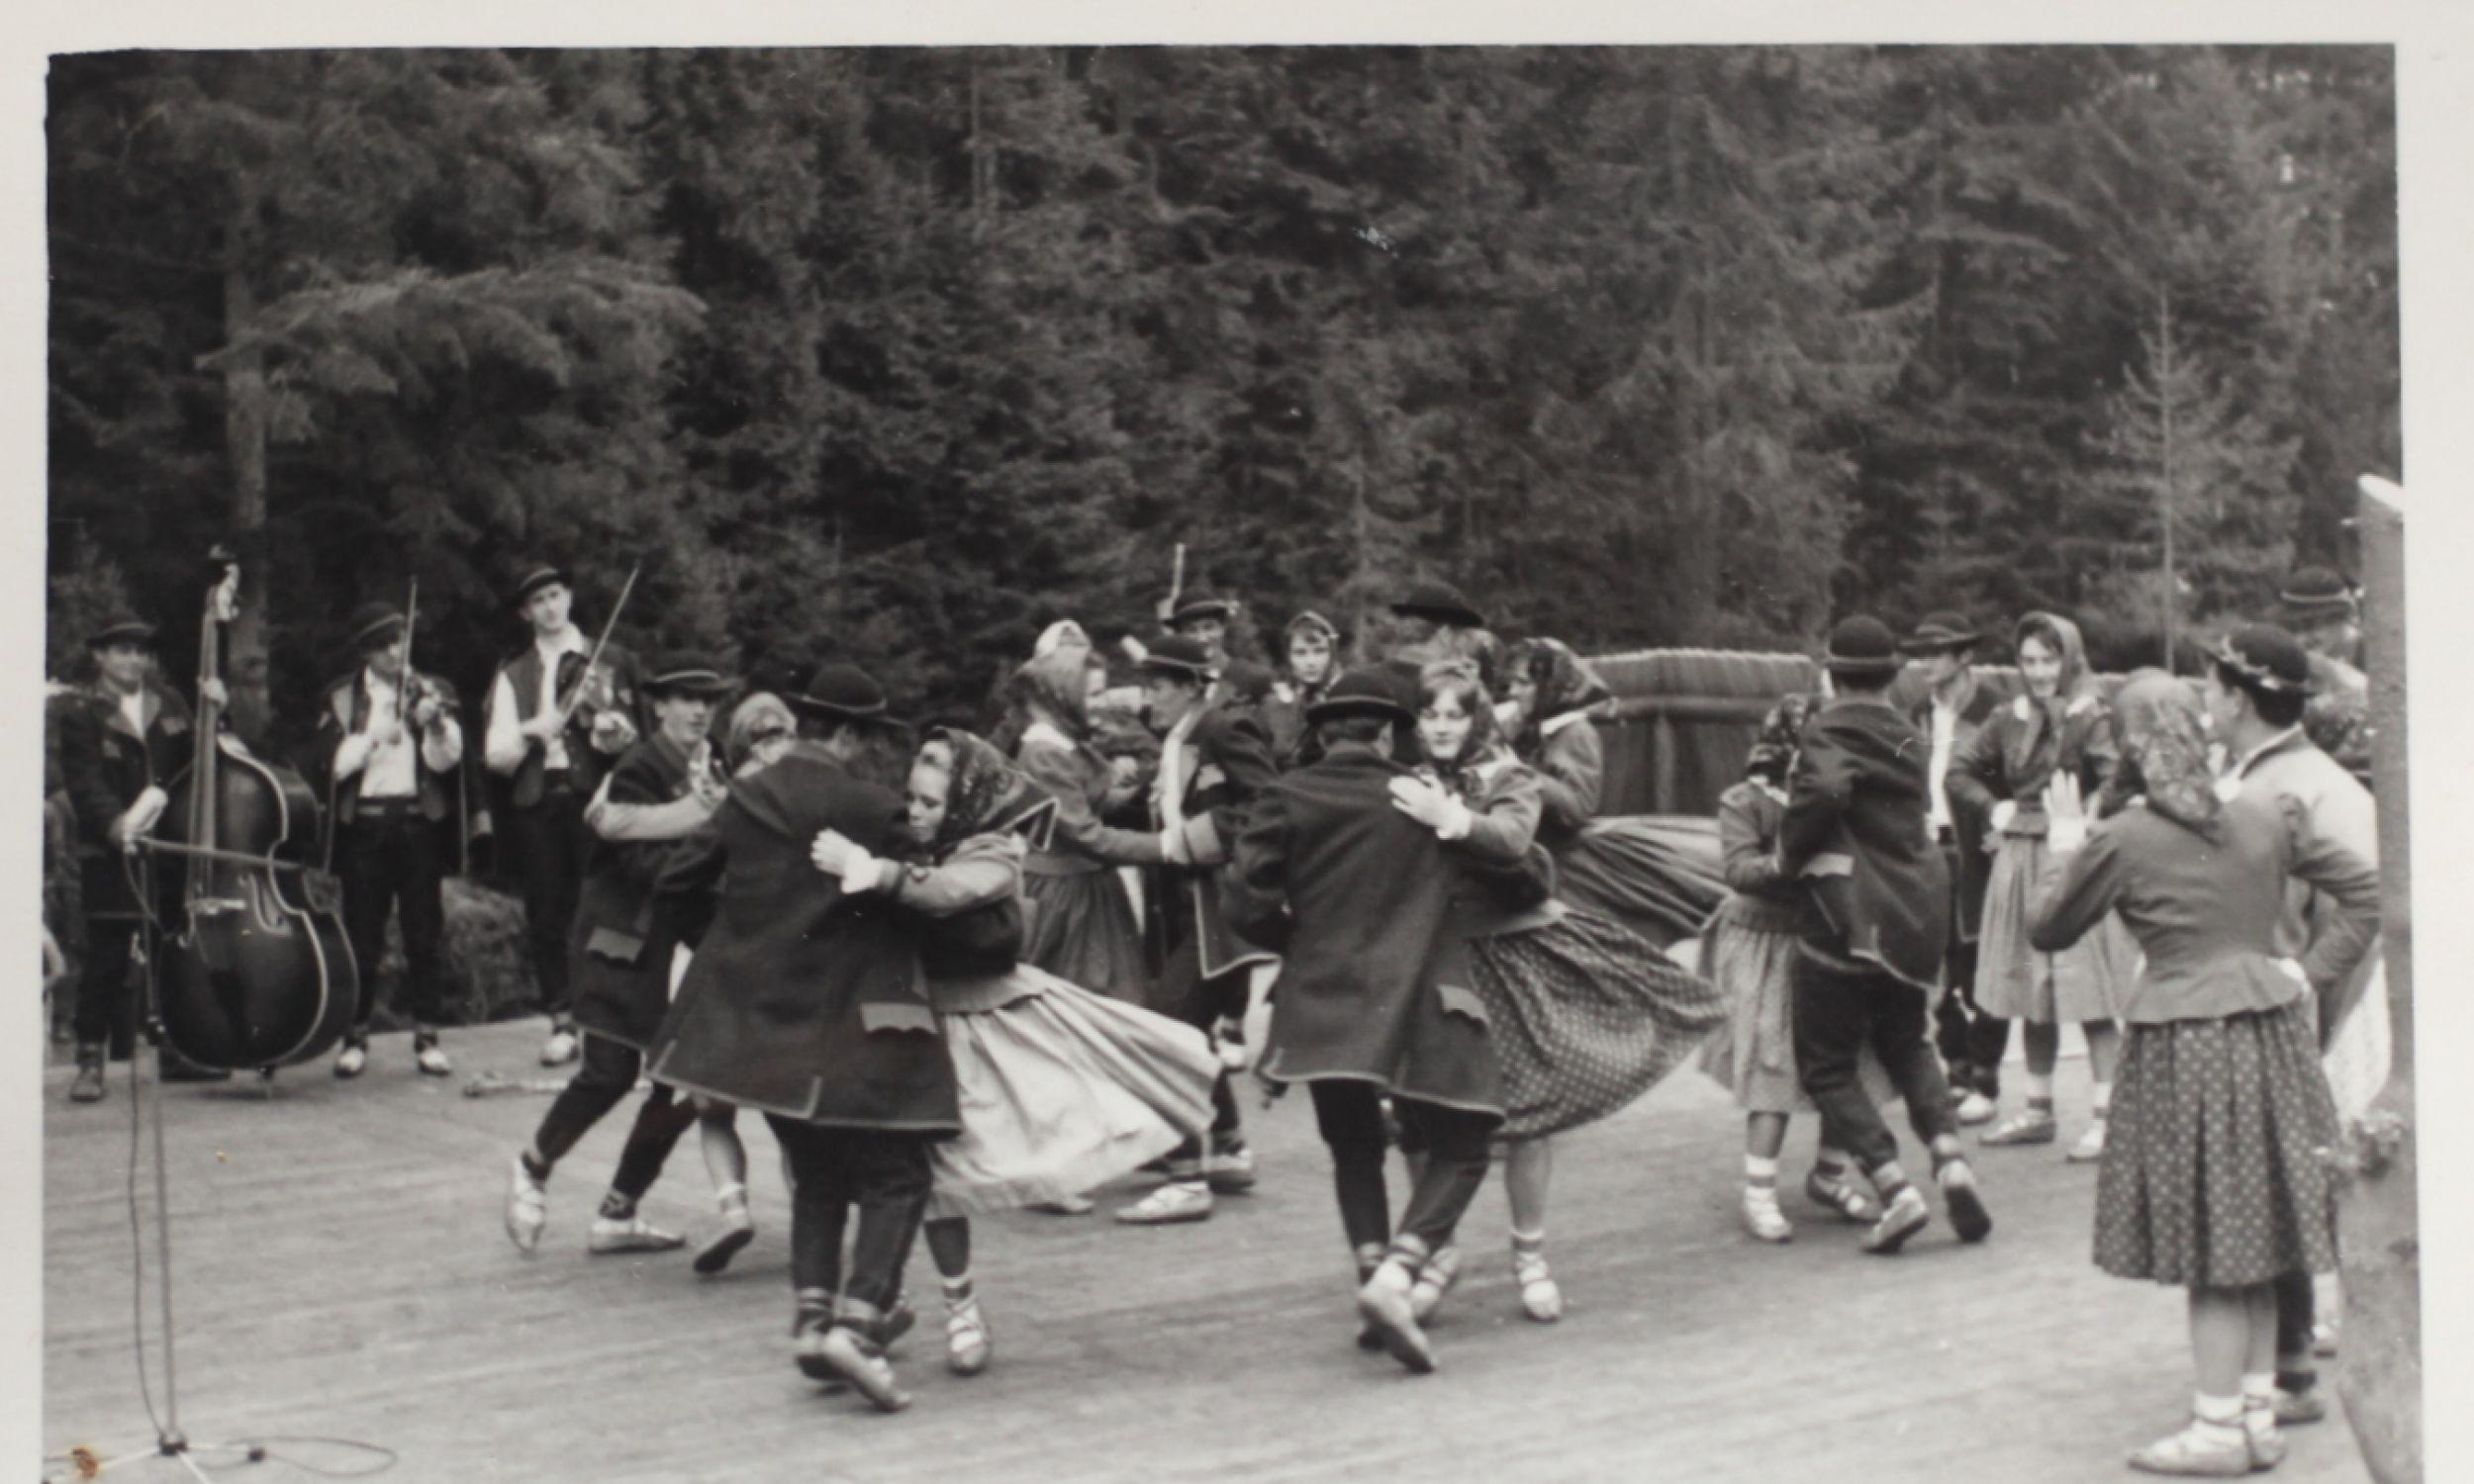 Polka. Dolina Popradu ok. 1966 r. Na skrzypcach grają Eugeniusz Lebdowicz i Mieczysław Łomnicki. Fot. arch. M. Lebdowicz